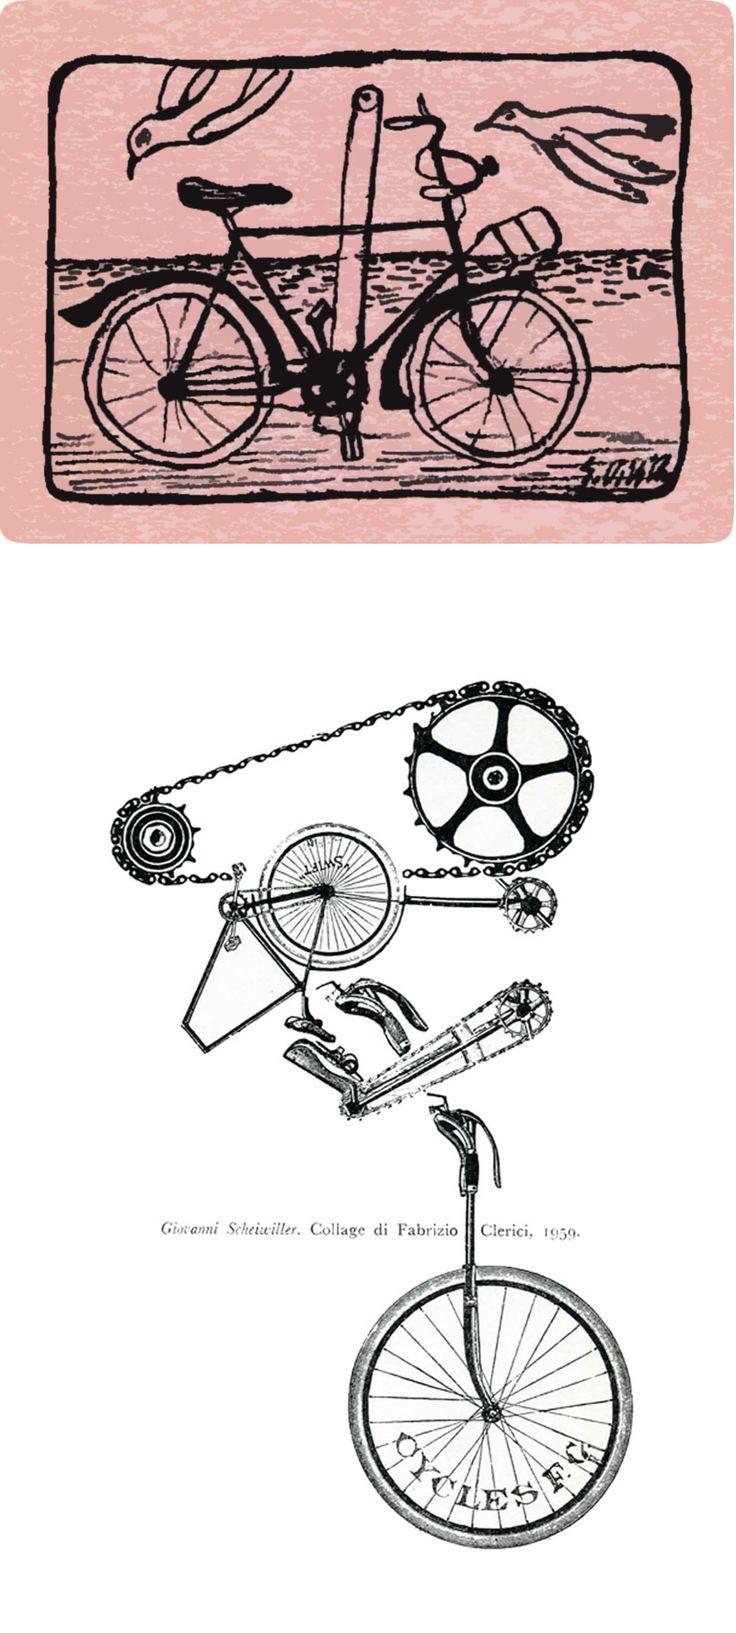 La BICICLETTA. Copia N. CXC. Disegno di Giuseppe Viviani; collage di Fabrizio Clerici.